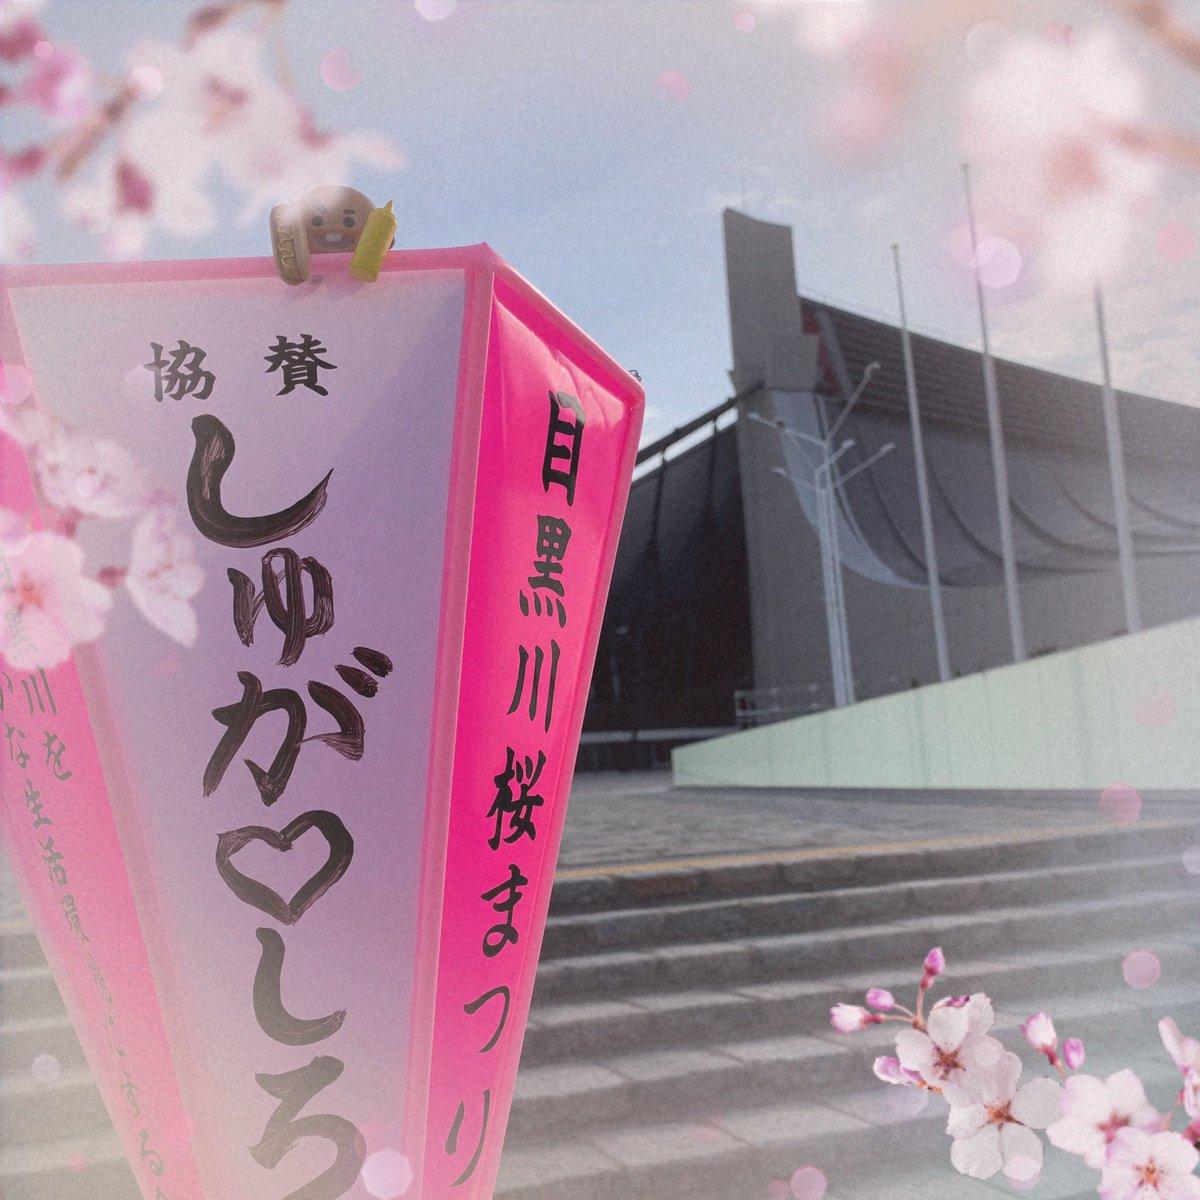 2020春🌸 楽しみにしていた2020目黒川桜まつり 来年満開の桜の下爽やかな風に揺れる沢山のBTSのボンボリが見られるように願いを込めて(✿˘艸˘✿)  #BTS🌸桜まつり2020🌸 #BTSに幸あれ🌸 @BTS_twt https://t.co/EzHQvDnw1m